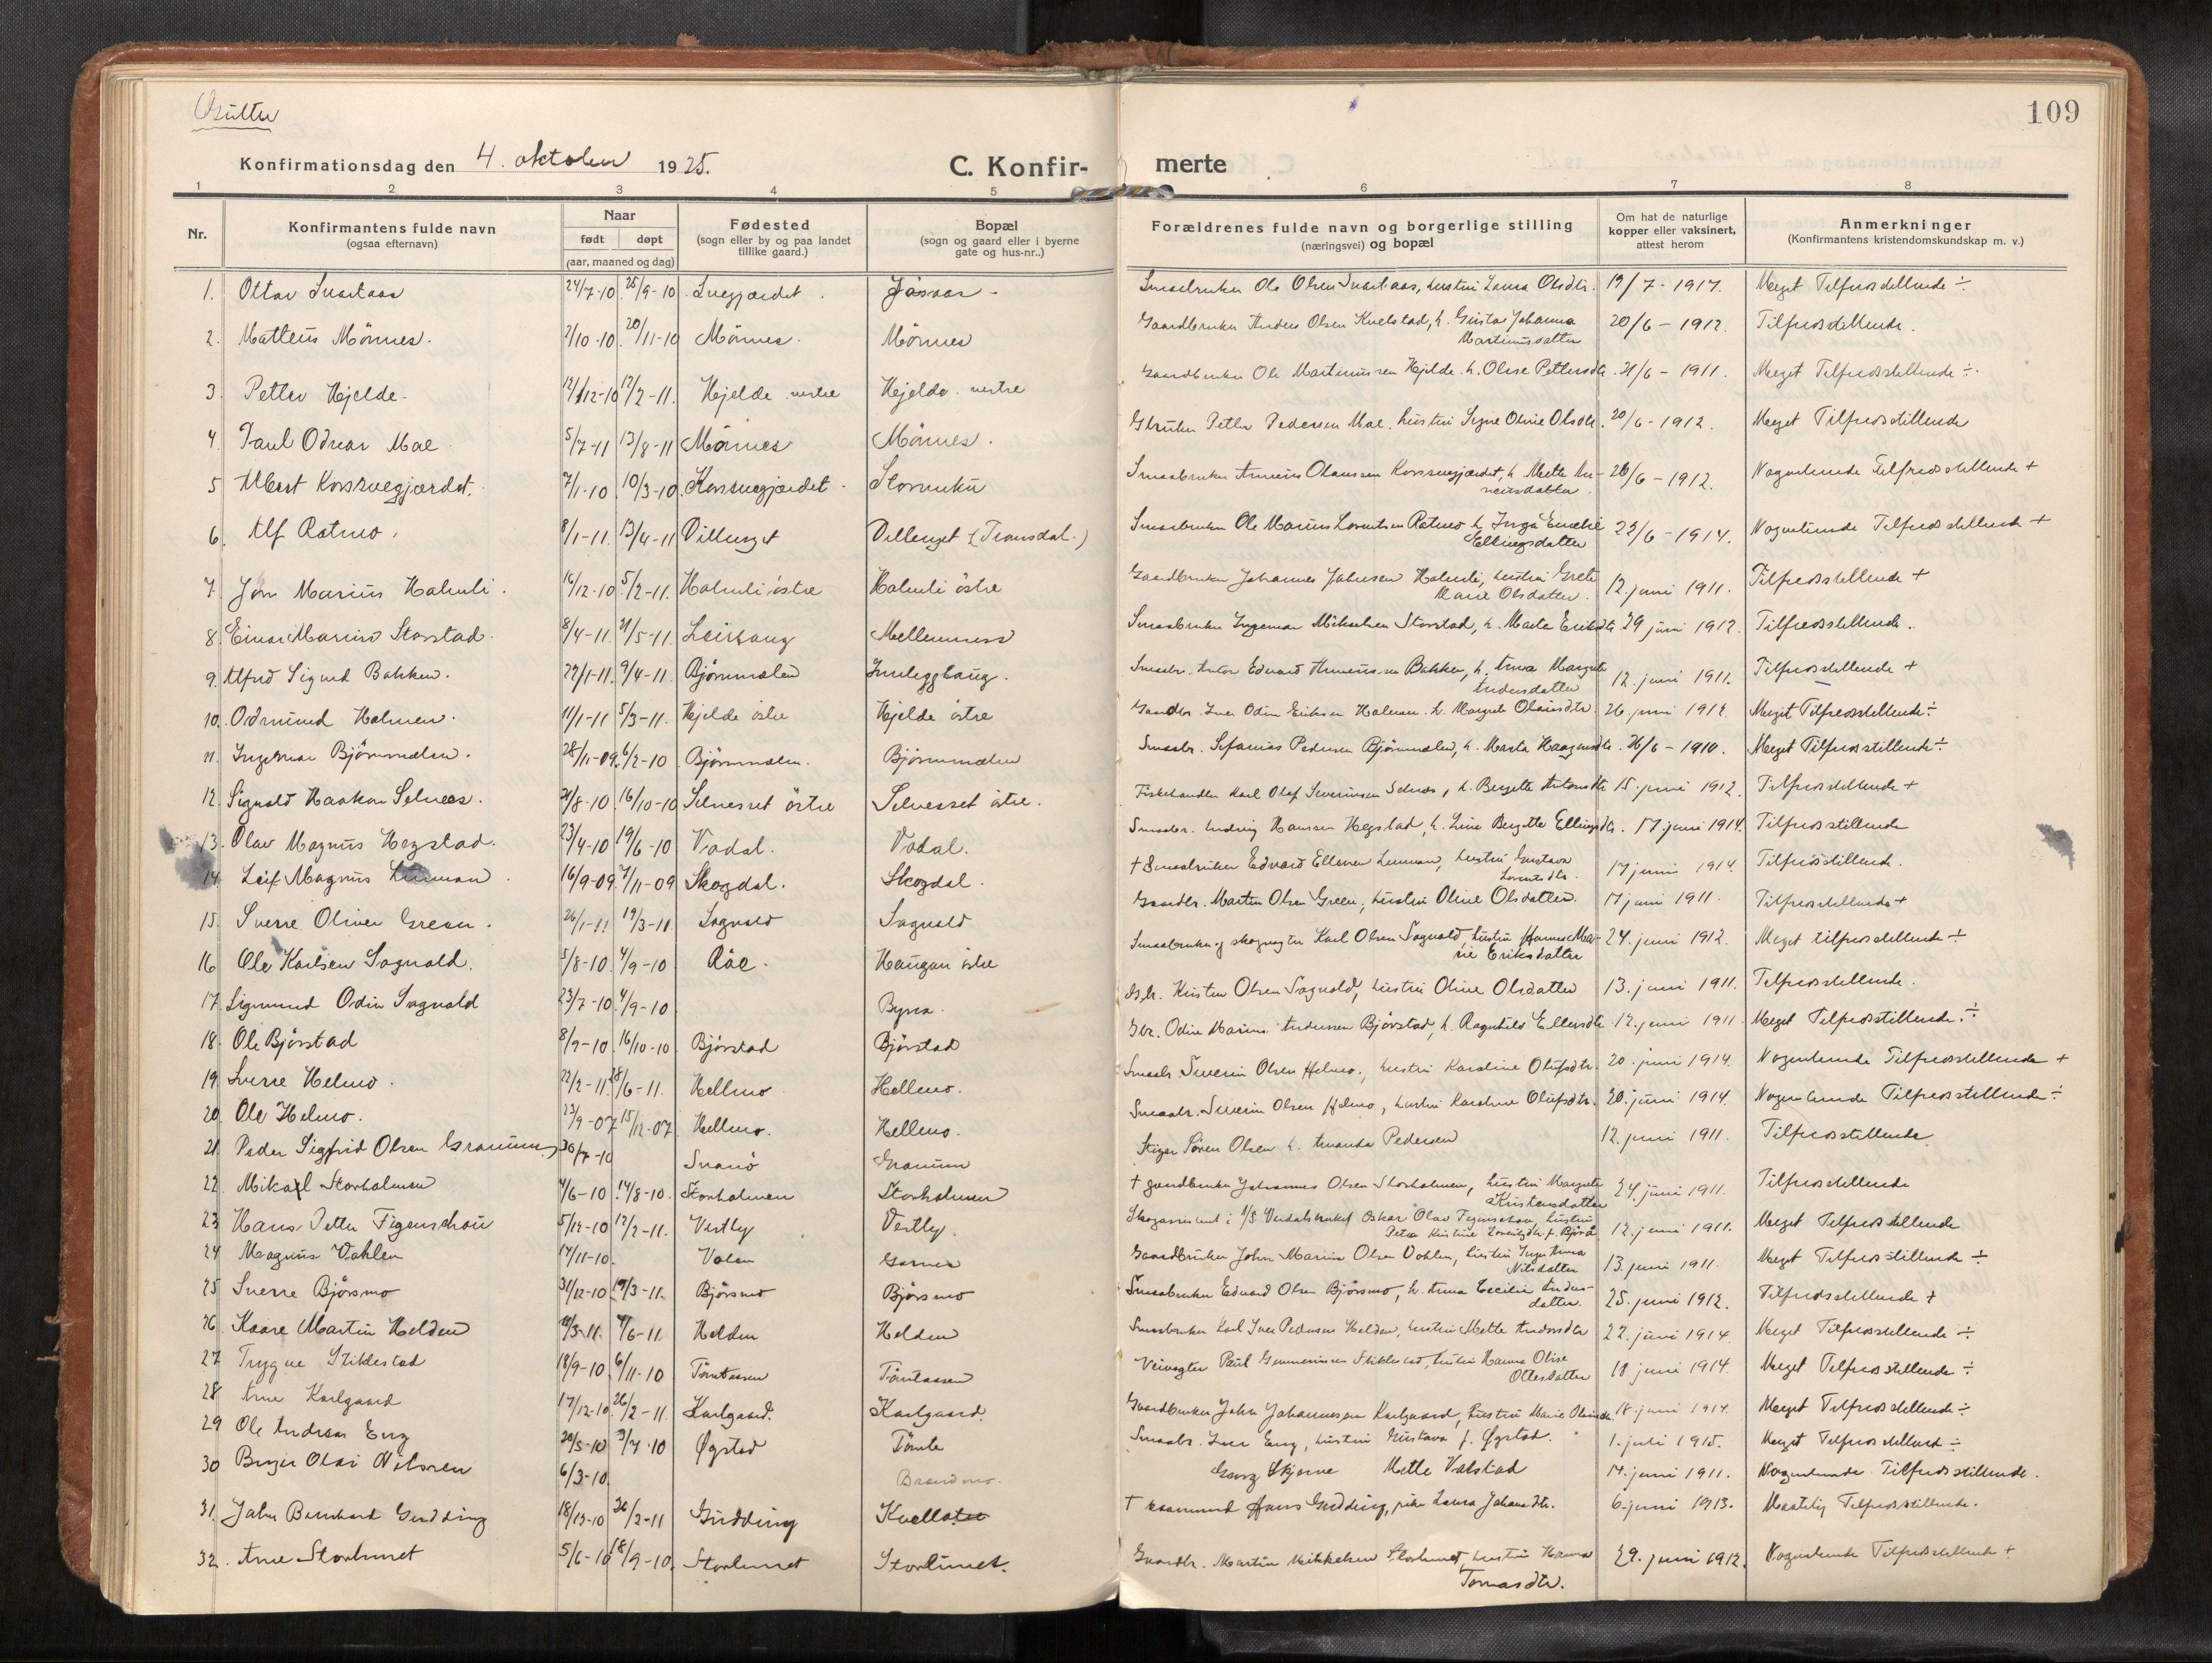 SAT, Verdal sokneprestkontor*, Parish register (official) no. 1, 1916-1928, p. 109